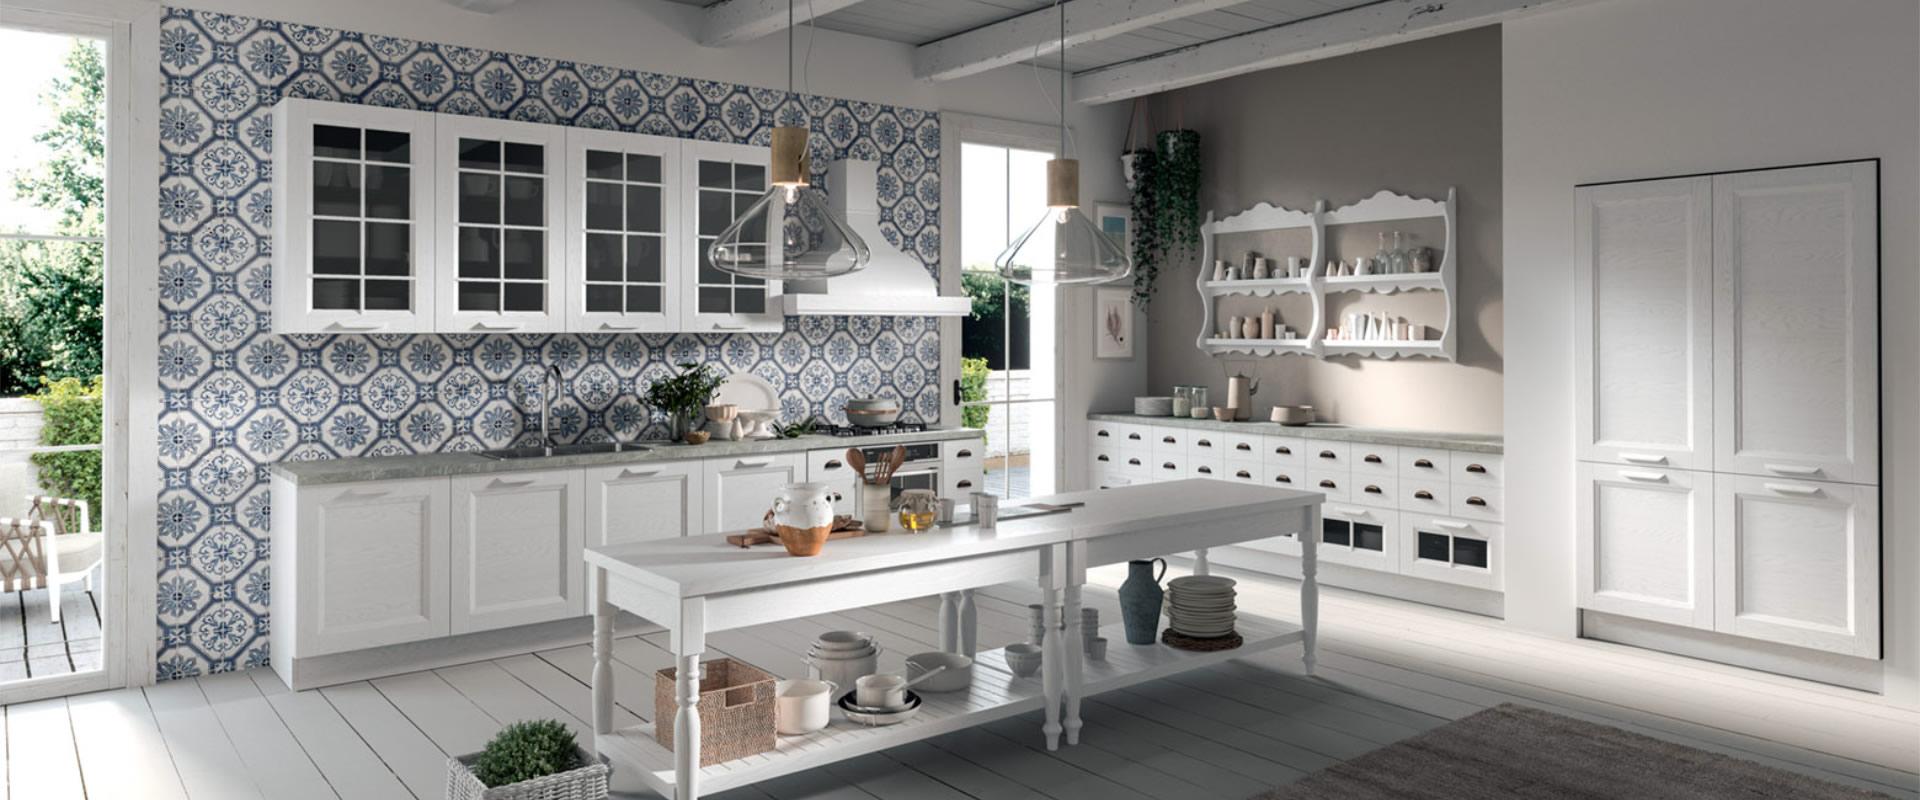 Cucine classiche Trieste – Cucine componibili classiche Trieste